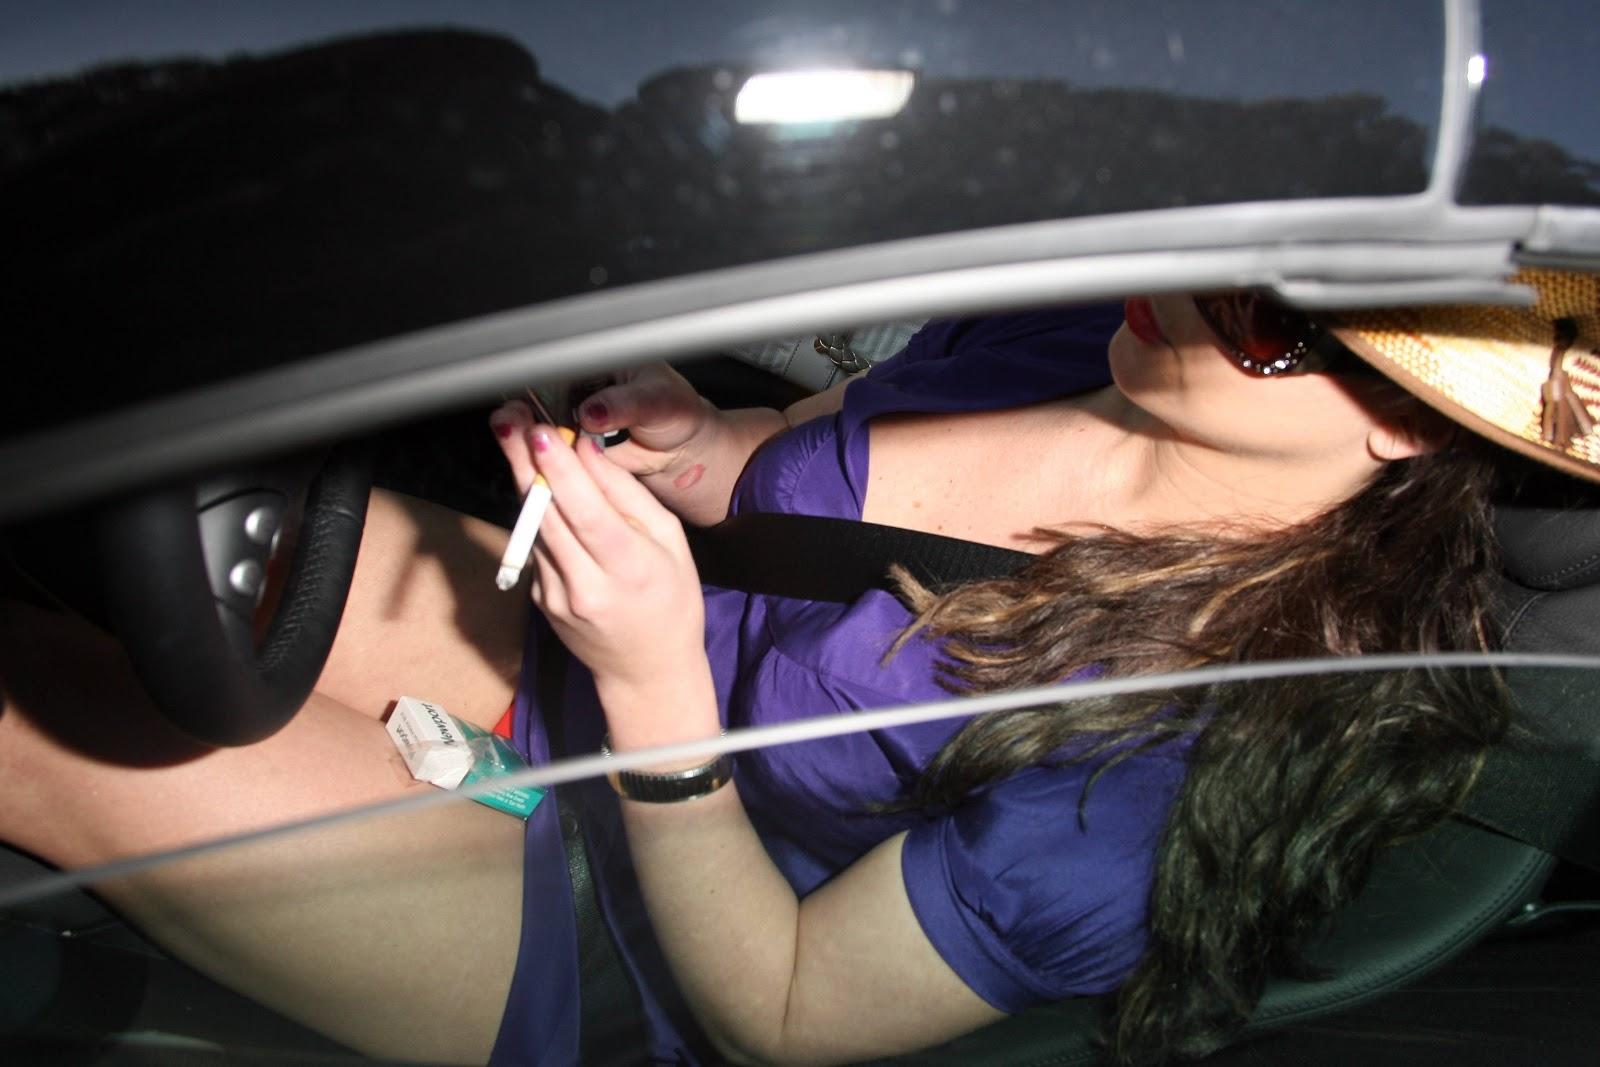 Рассказ я показал член из машины, Рассказ секса в машине- Трахнул меня прямо в машине 2 фотография